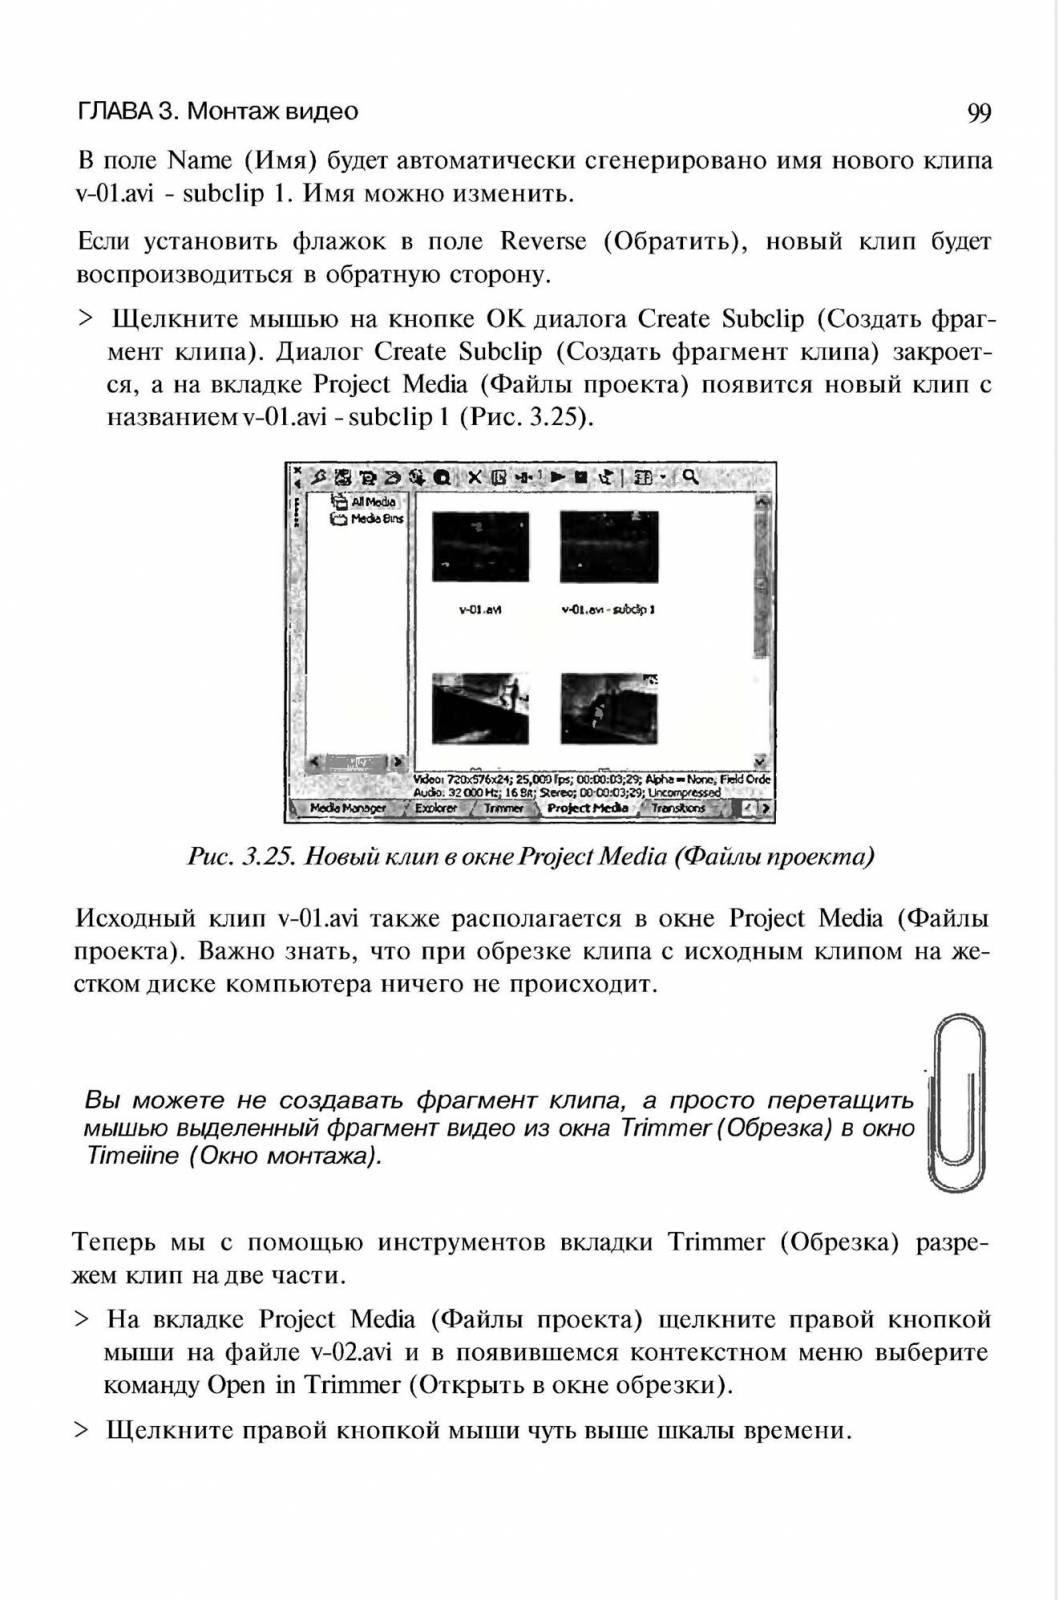 http://redaktori-uroki.3dn.ru/_ph/13/780526404.jpg